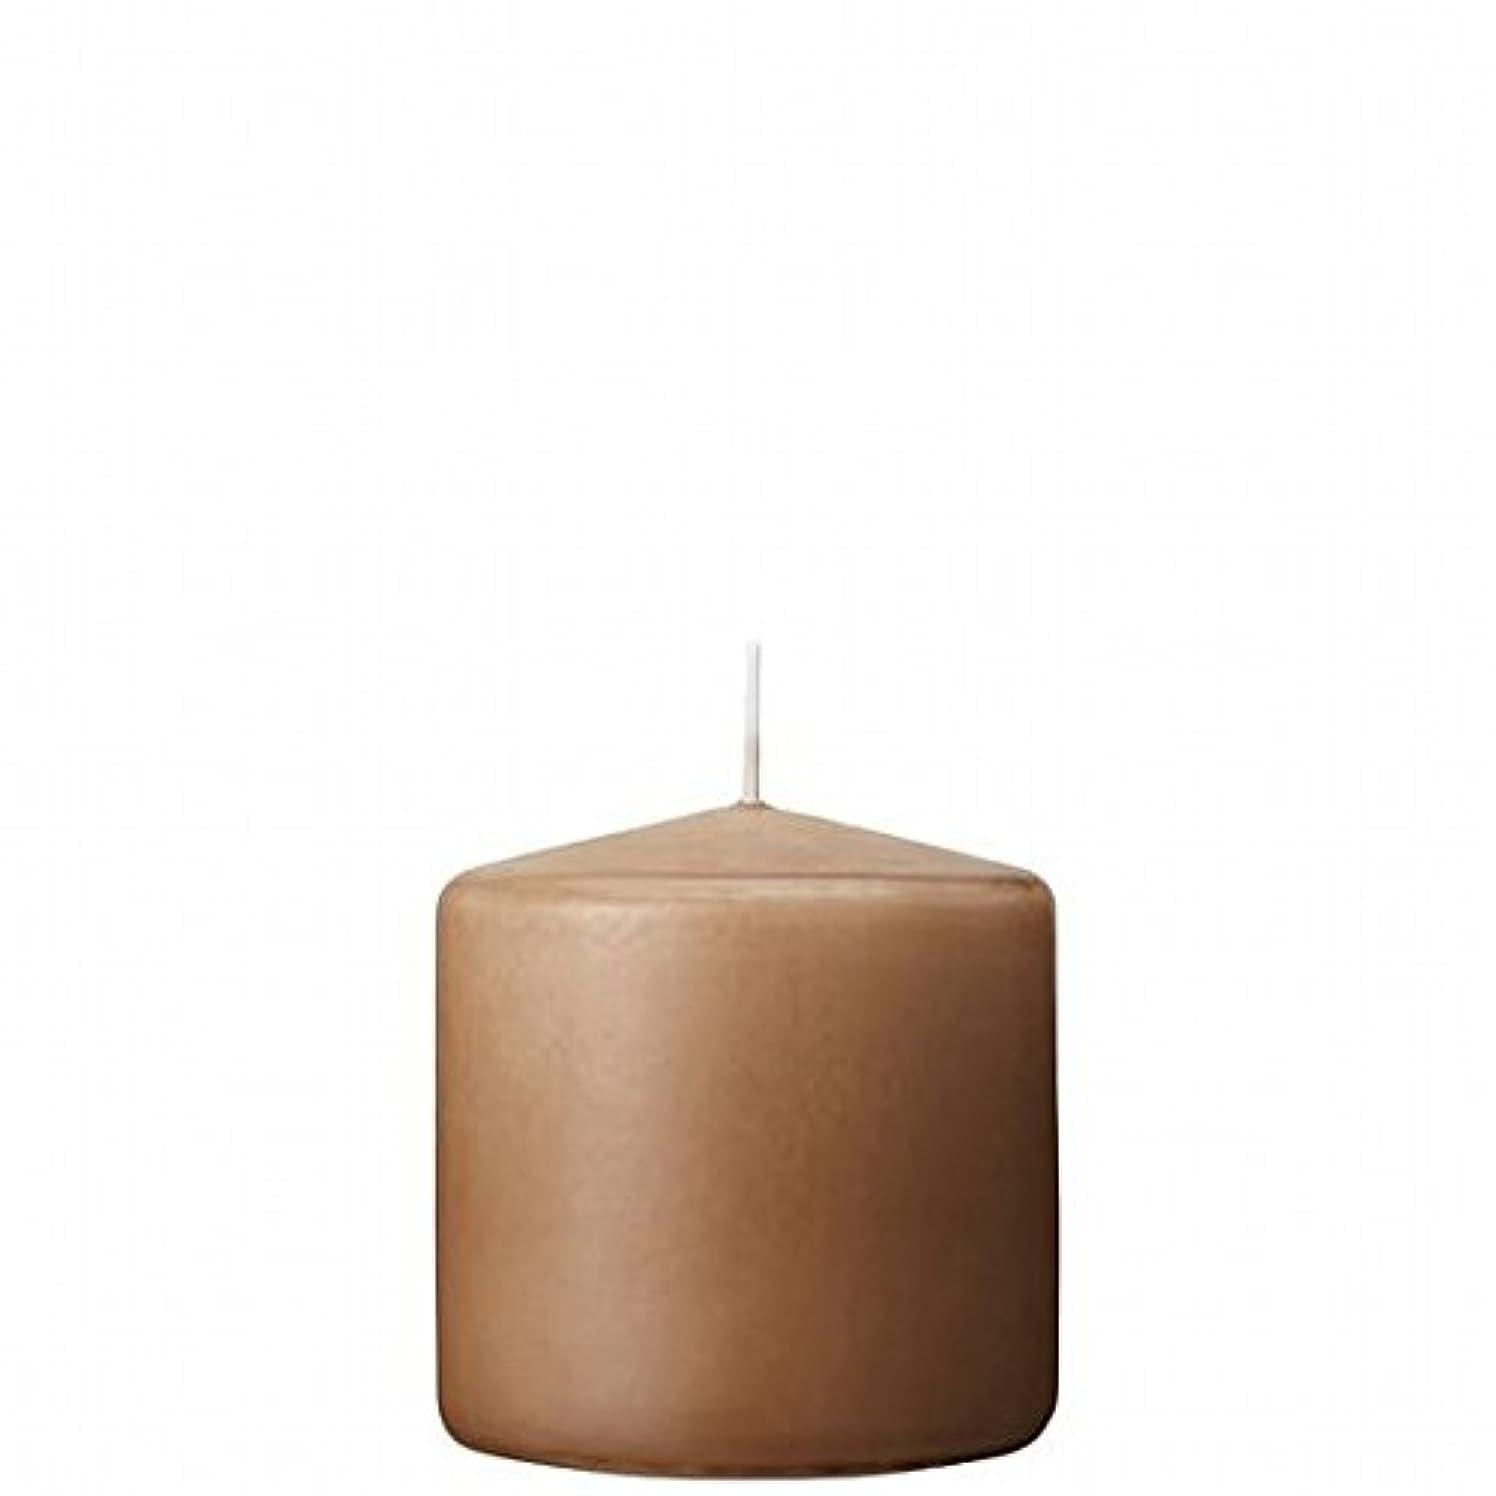 修士号ソースローストkameyama candle(カメヤマキャンドル) 3×3ベルトップピラーキャンドル 「 モカ 」(A9730000MO)